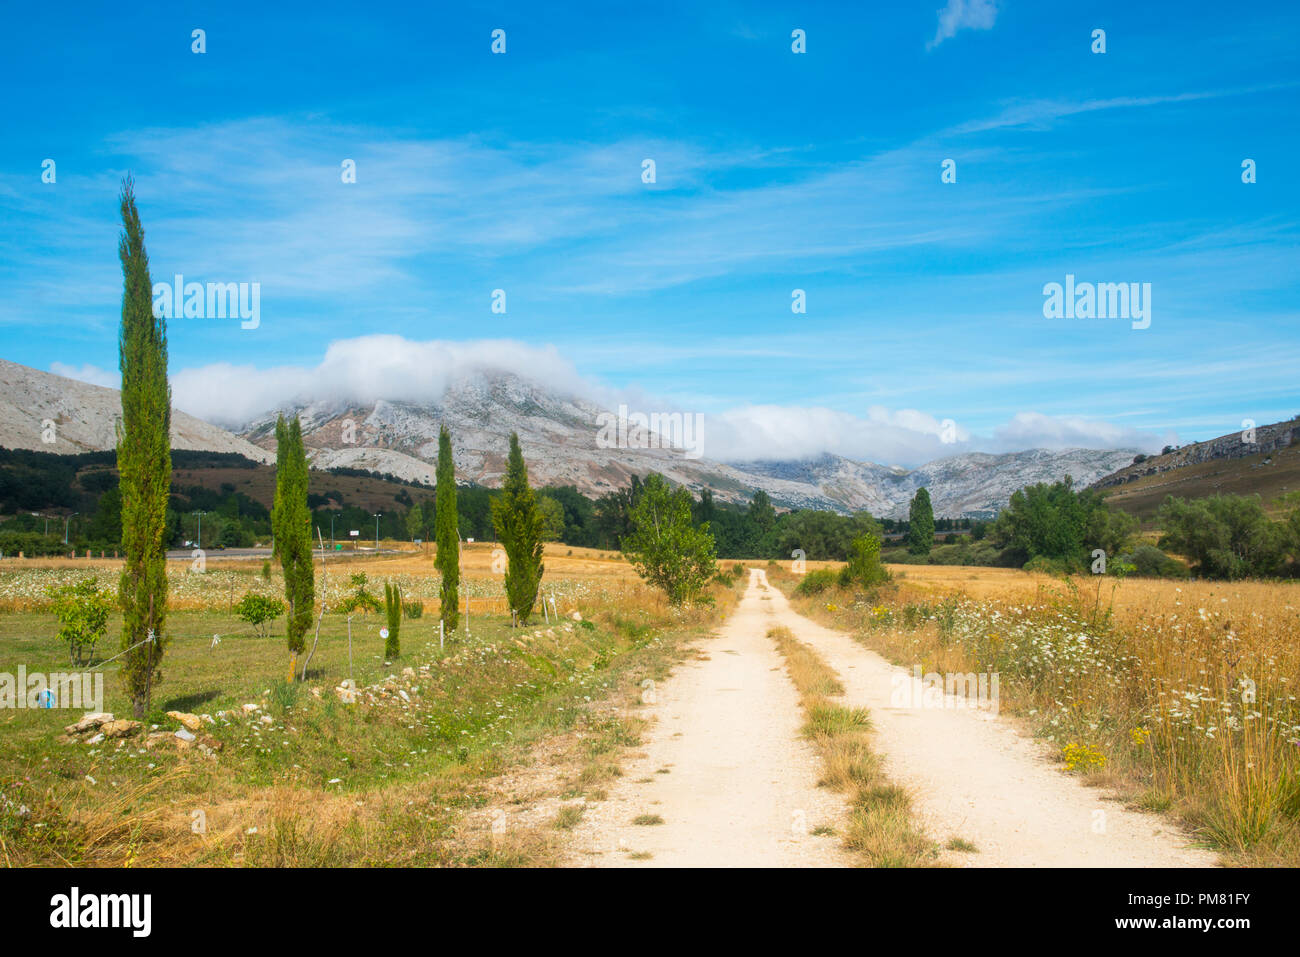 Way and mountains. Villaverde de la Peña, Palencia province, Castilla Leon, Spain. - Stock Image